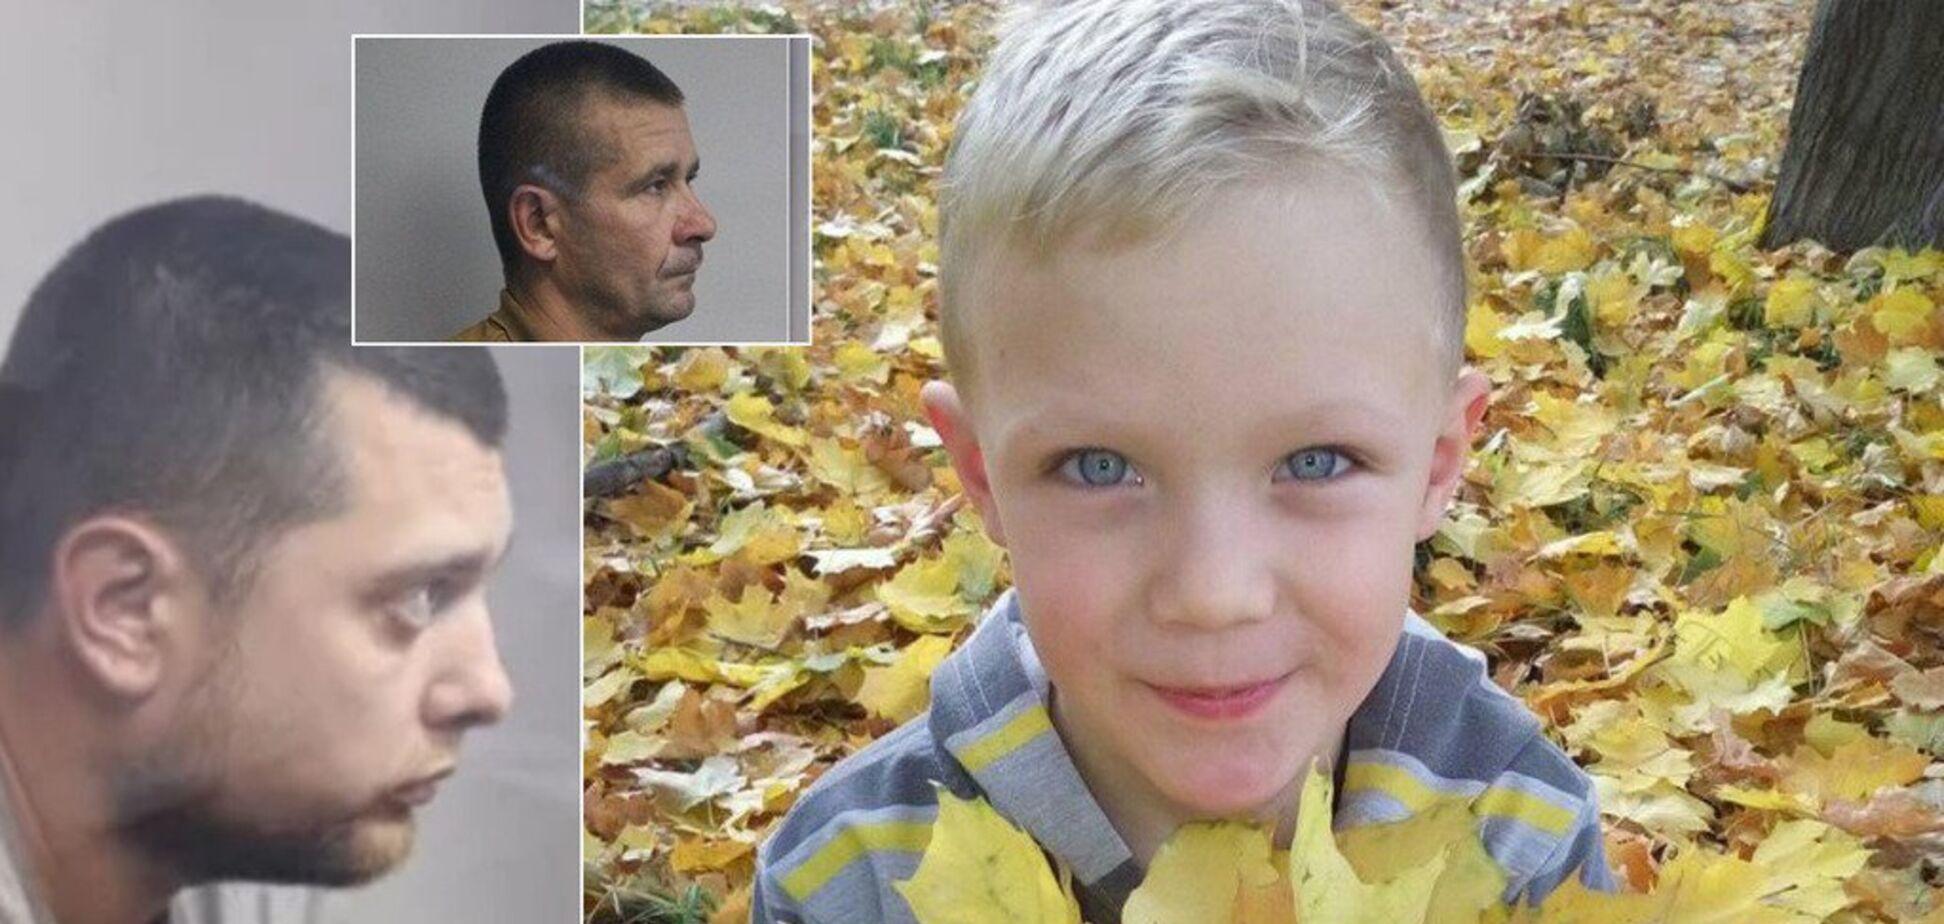 'Помер від однієї кулі': з'явилися нові деталі про вбивство дитини поліцією під Києвом